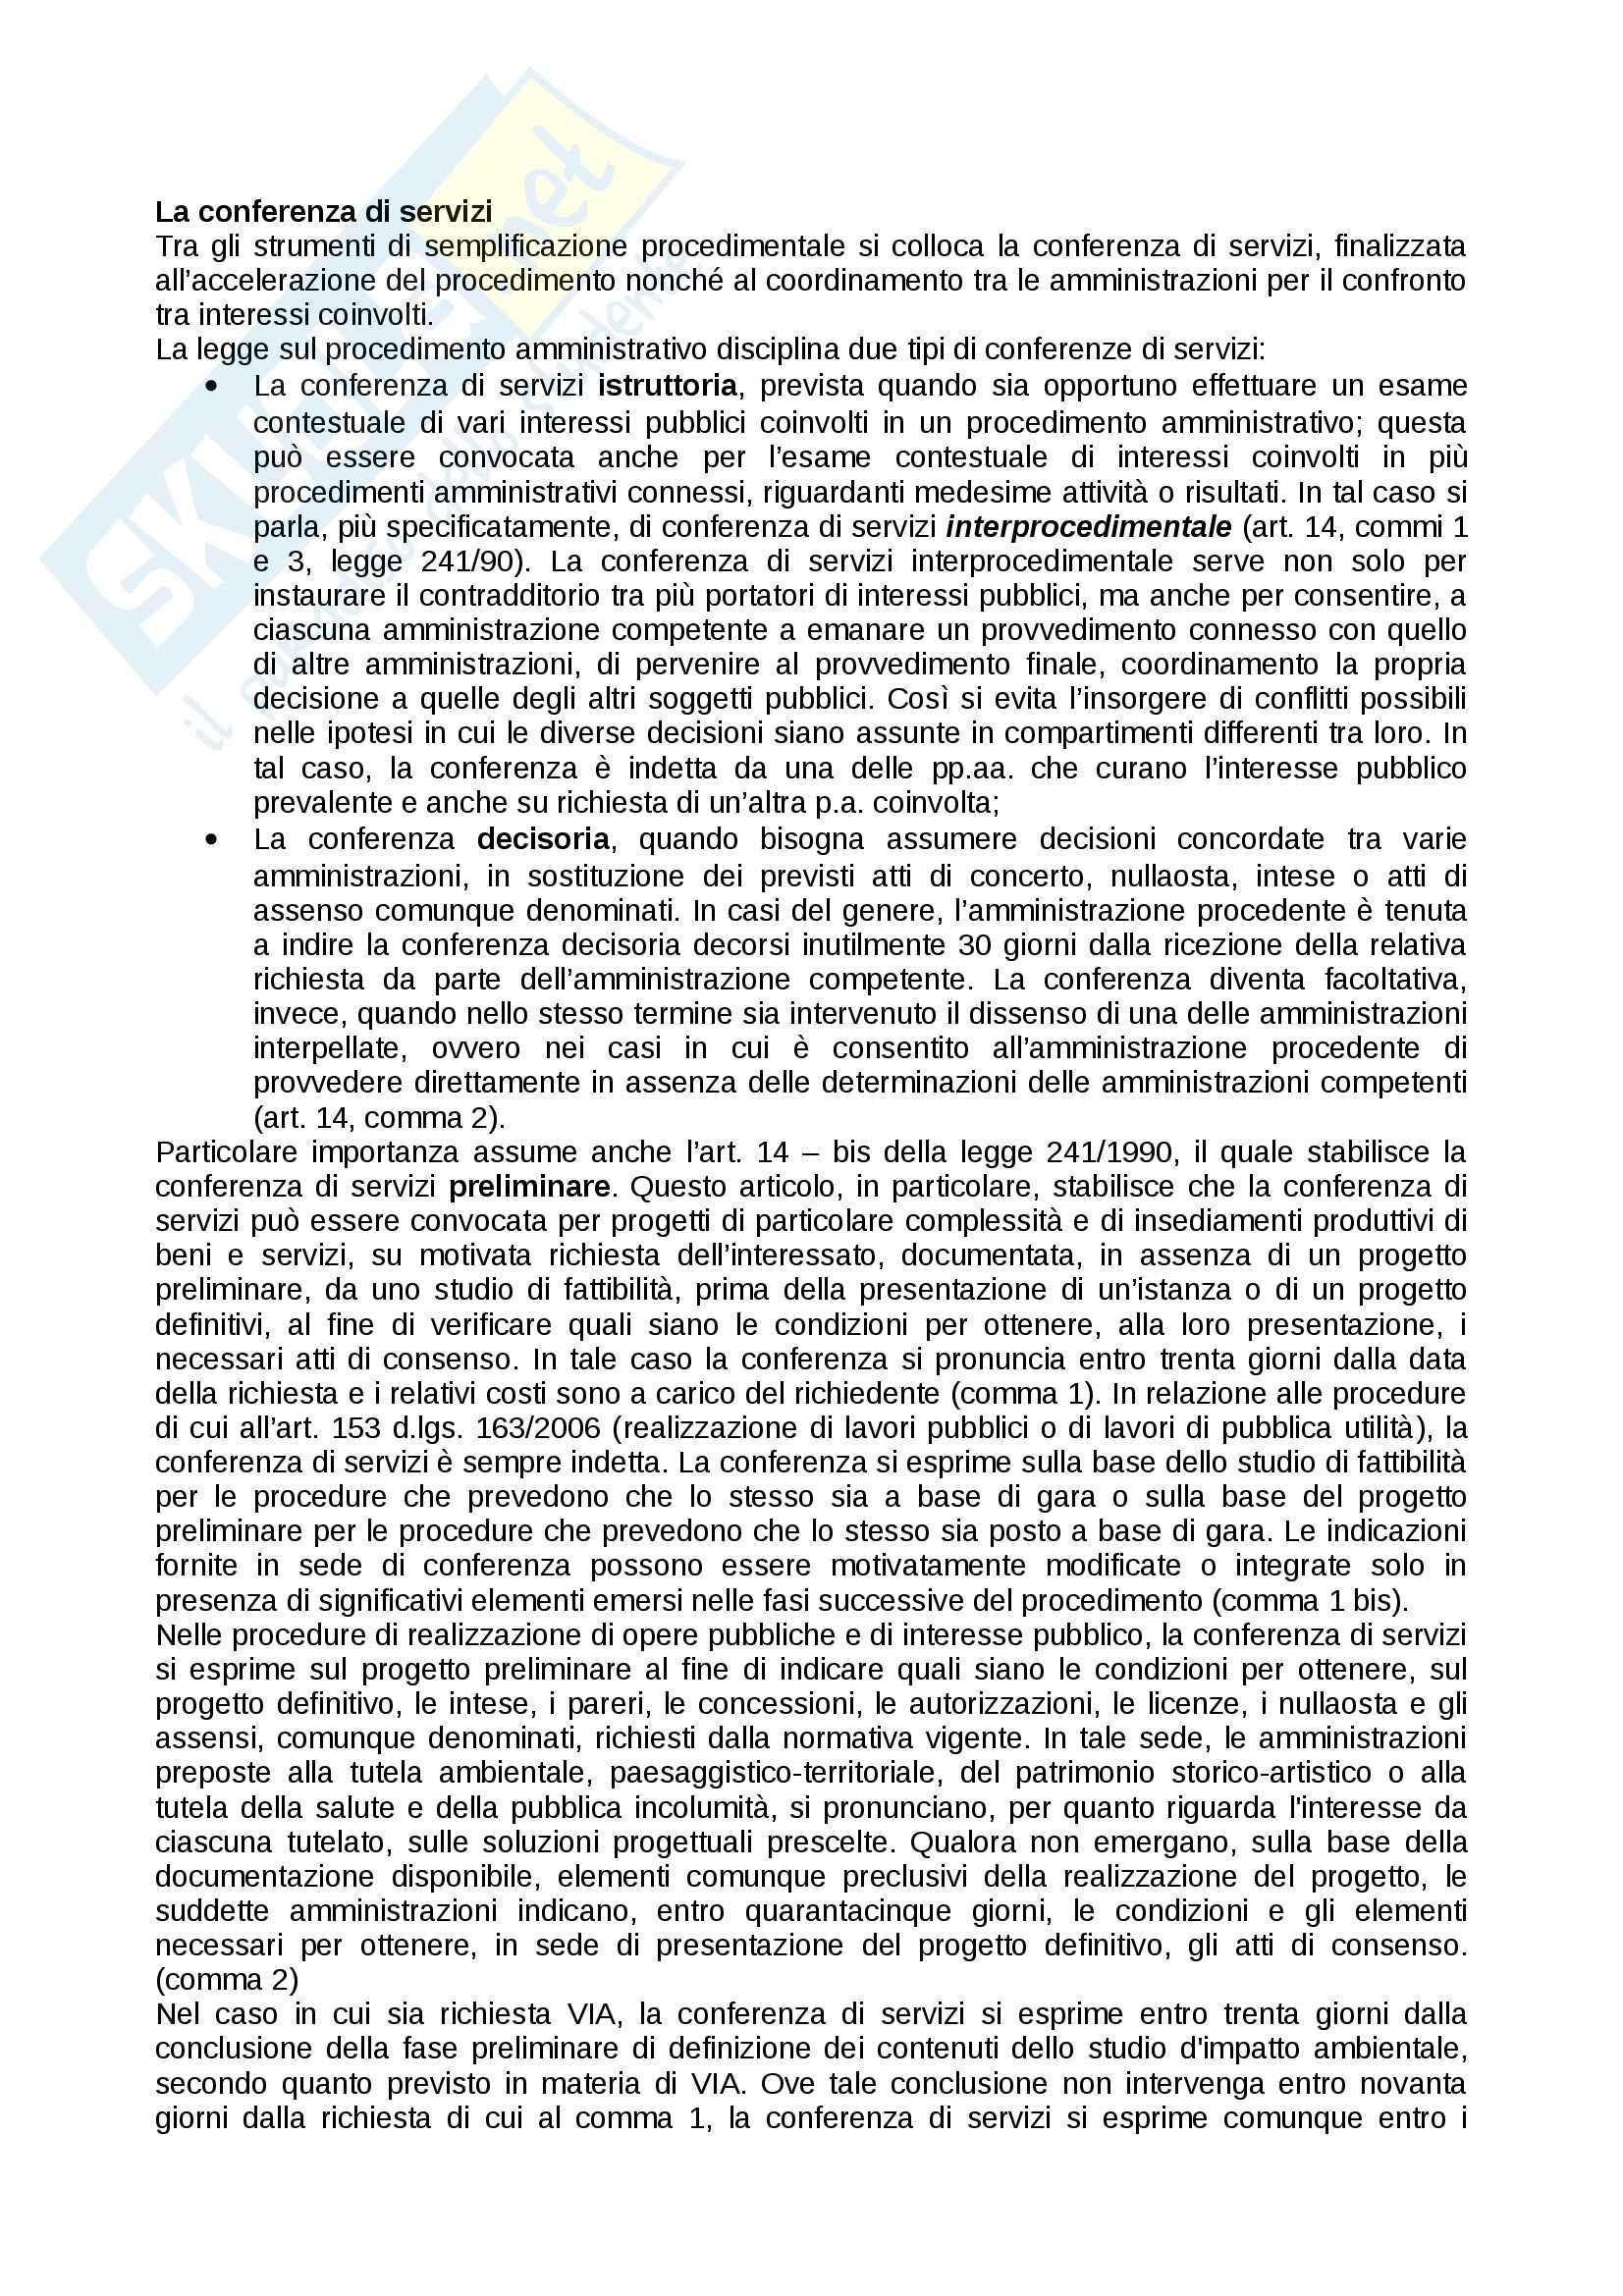 appunto A. Bonomo Diritto amministrativo I